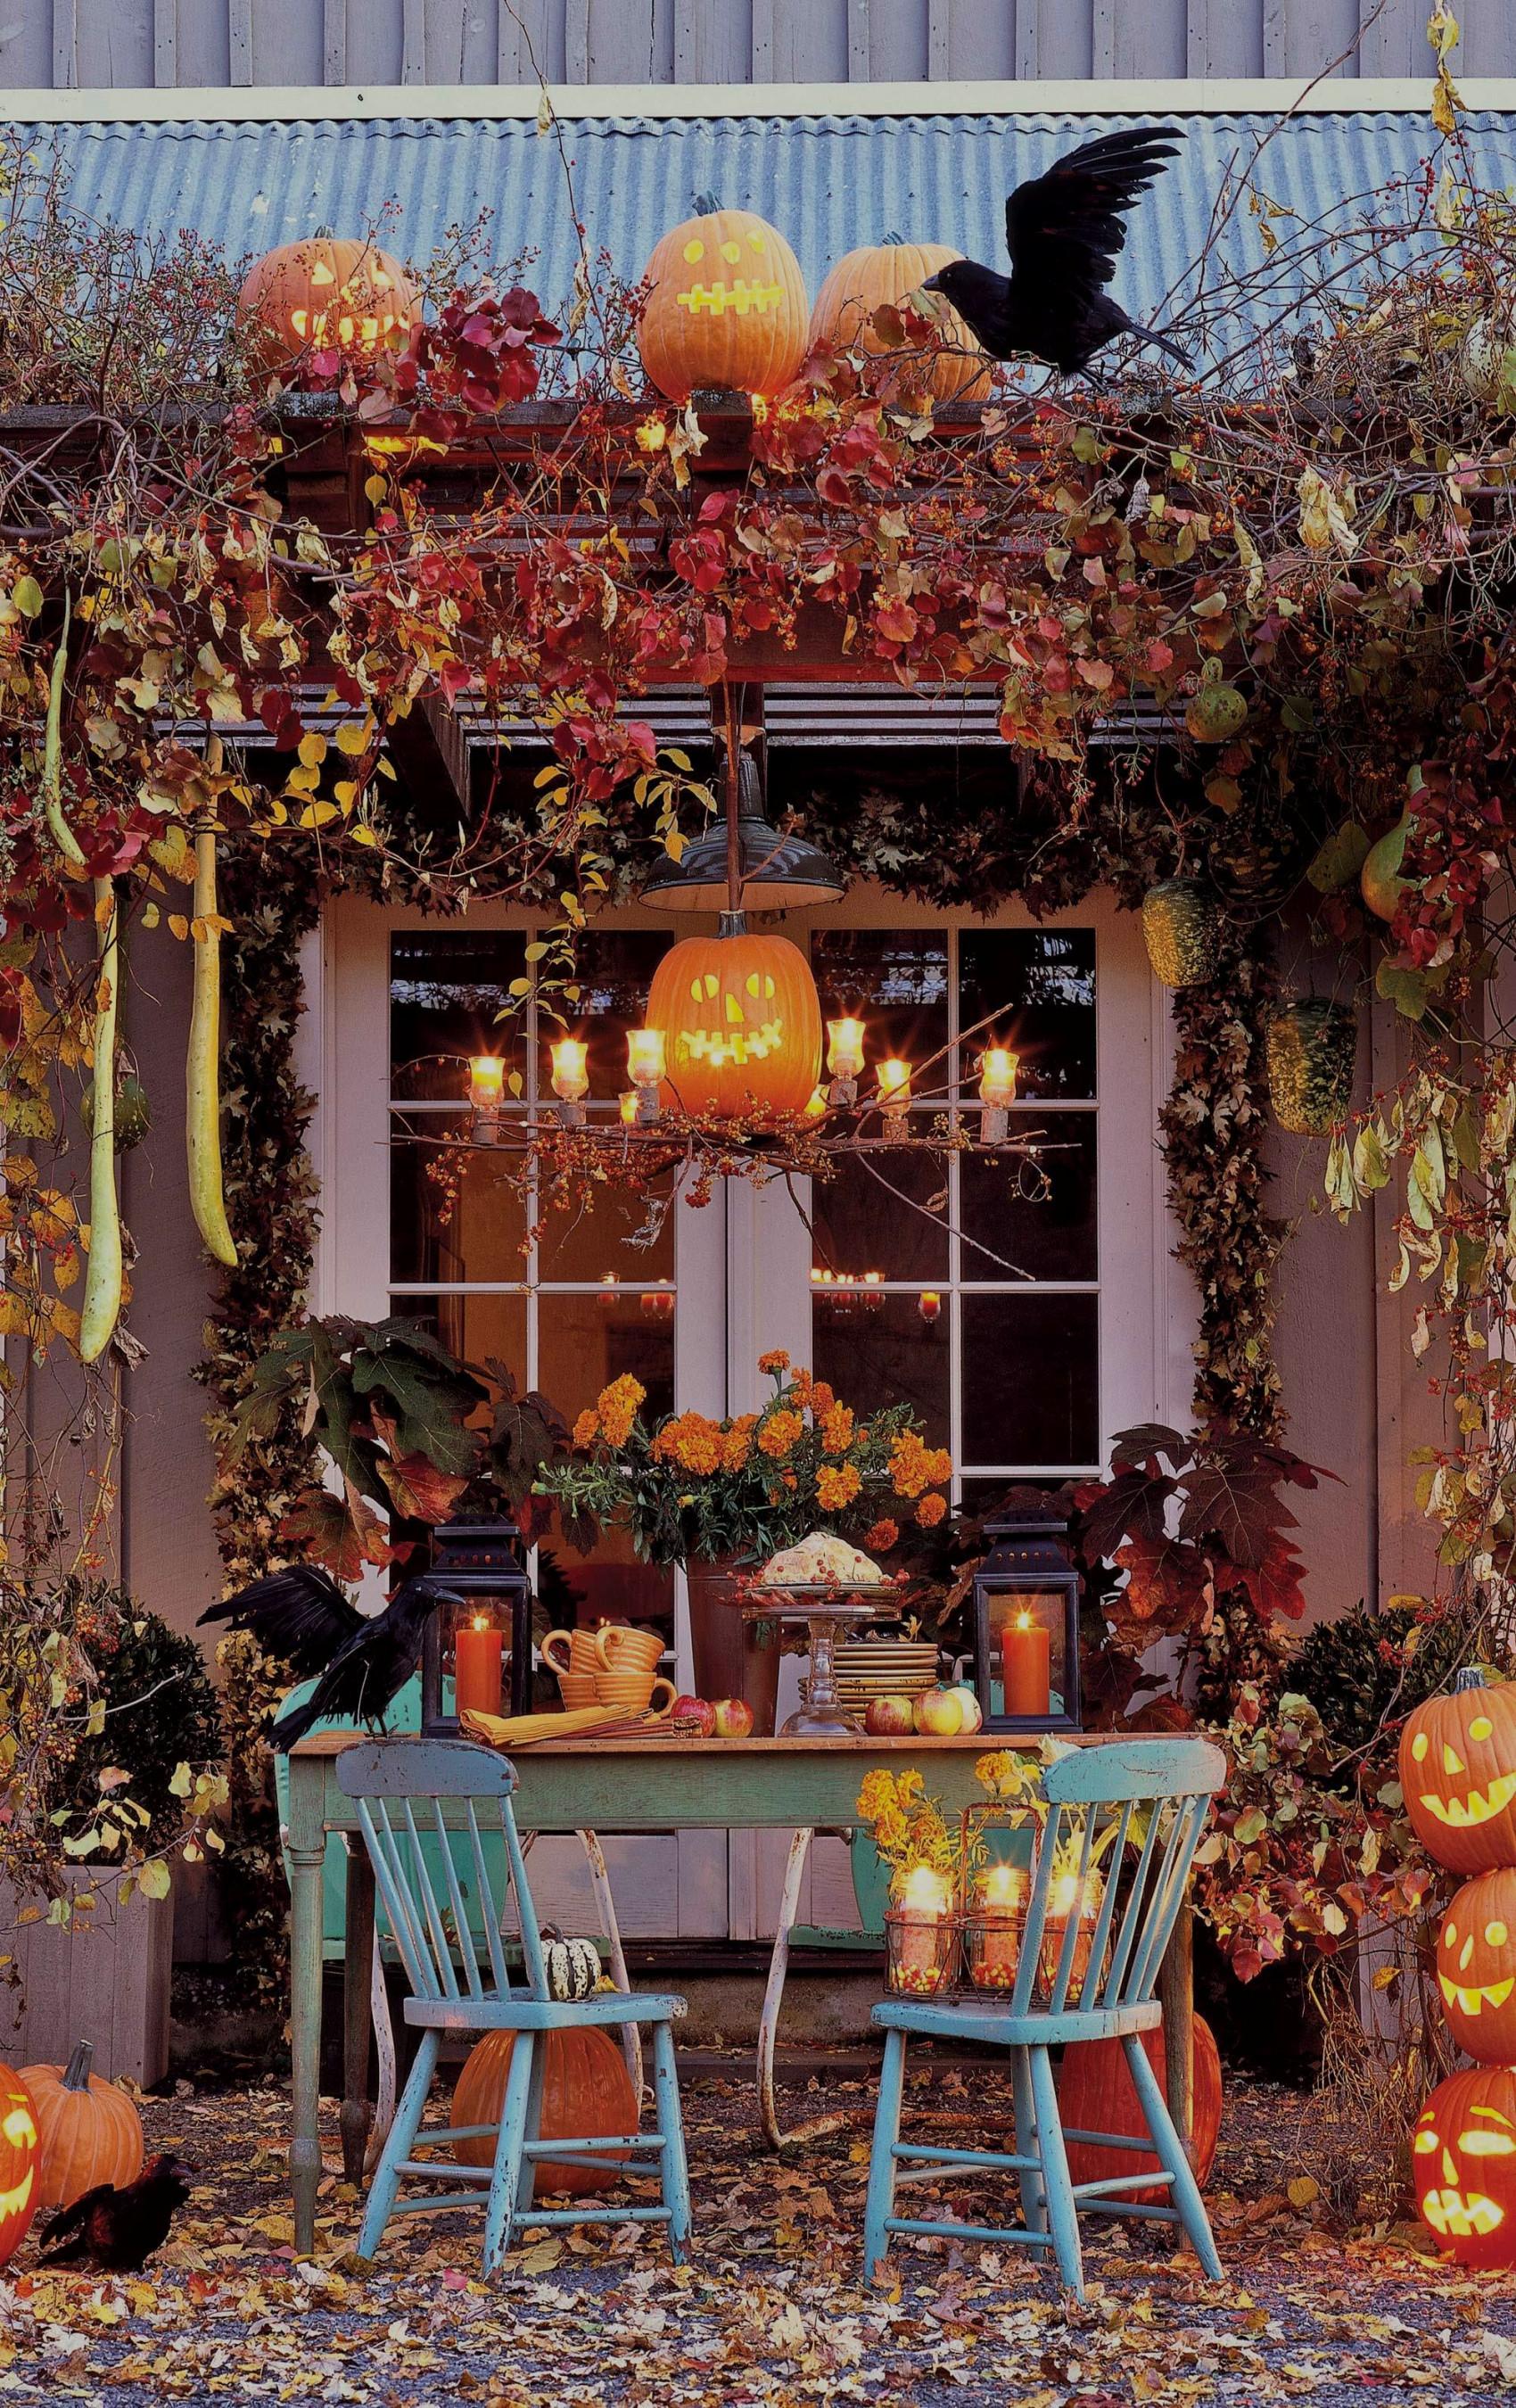 wedding vase rentals of 17 elegant halloween decor rentals fresh home design ideas intended for halloween decor rentals 0d weddings design ideas outdoor lighted halloween frankenstein front door